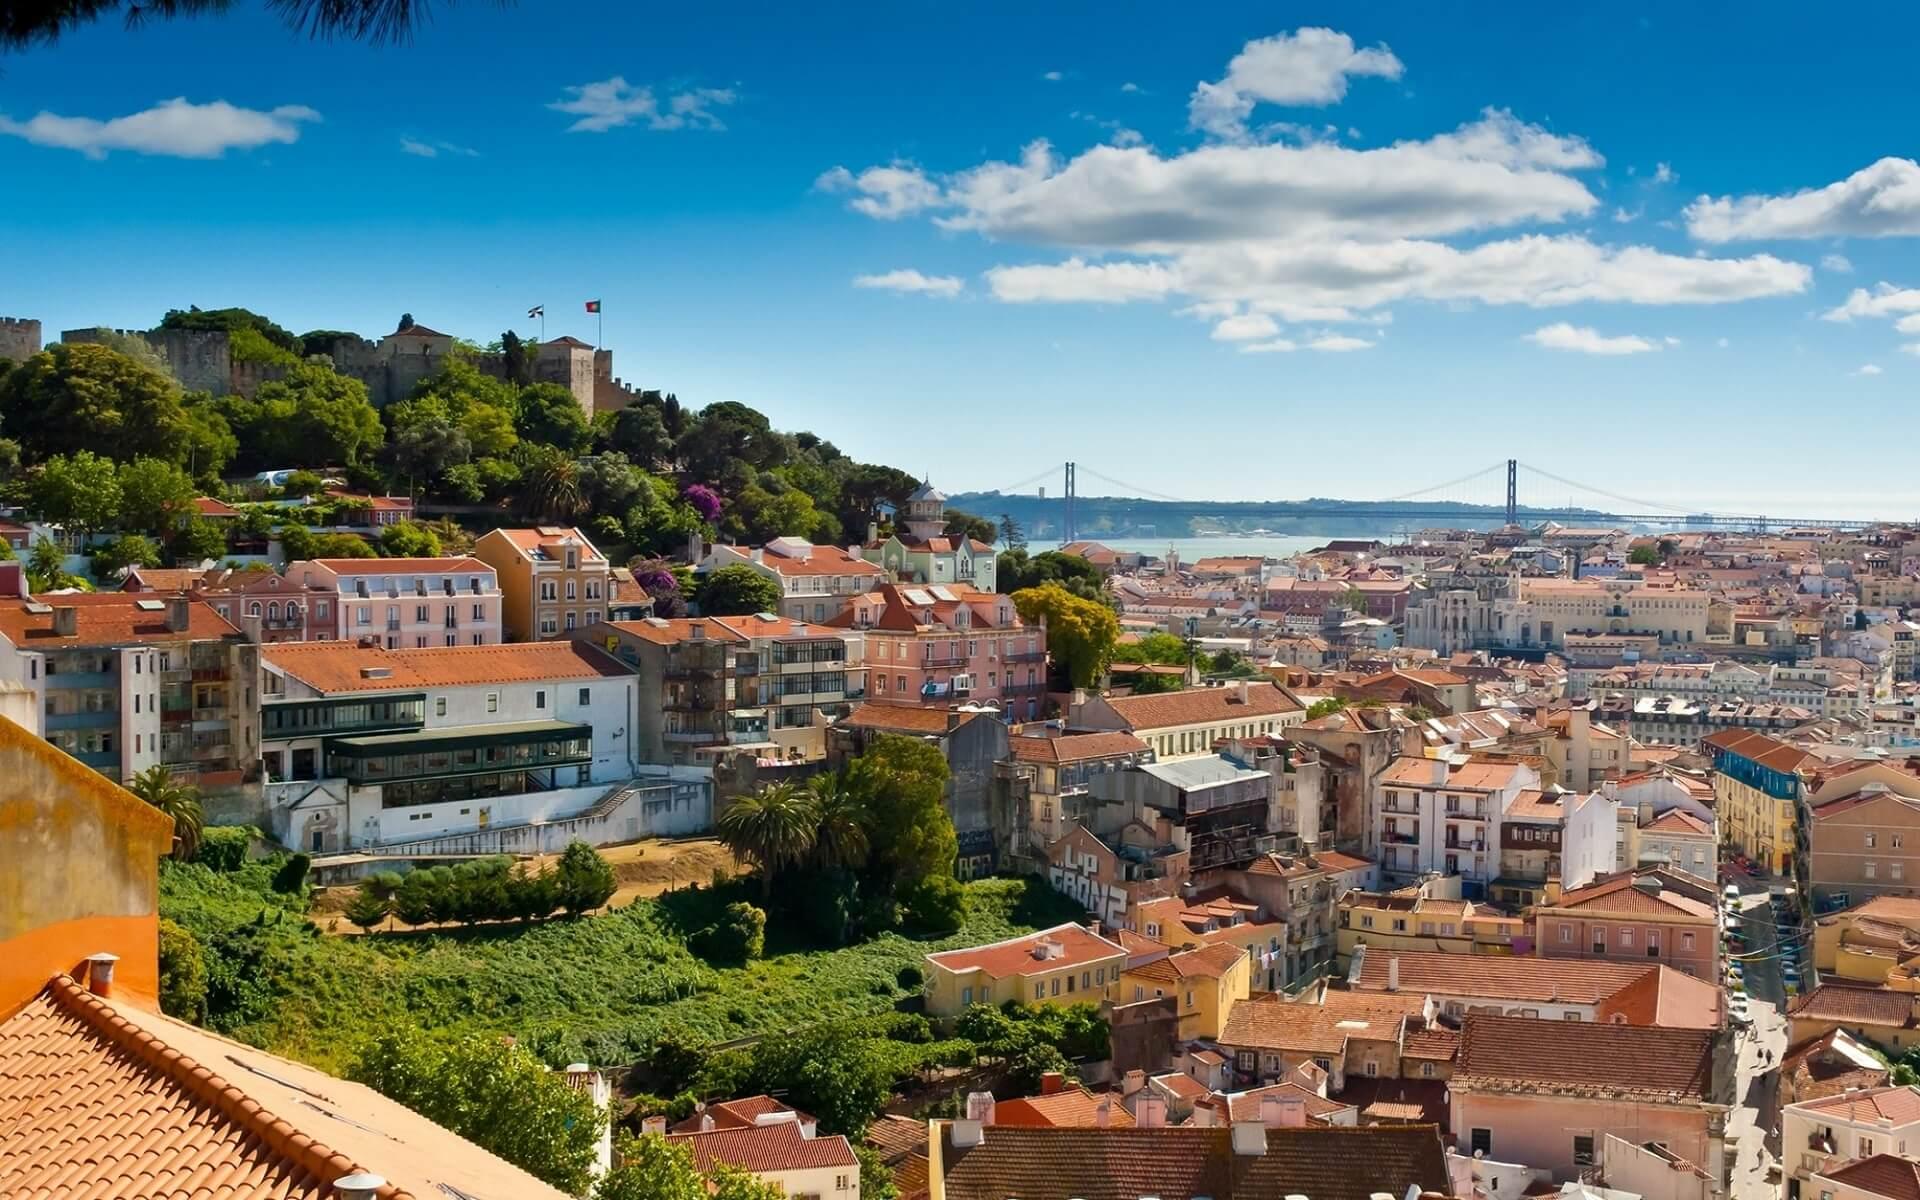 Lisbon - Cities Where Art Lives